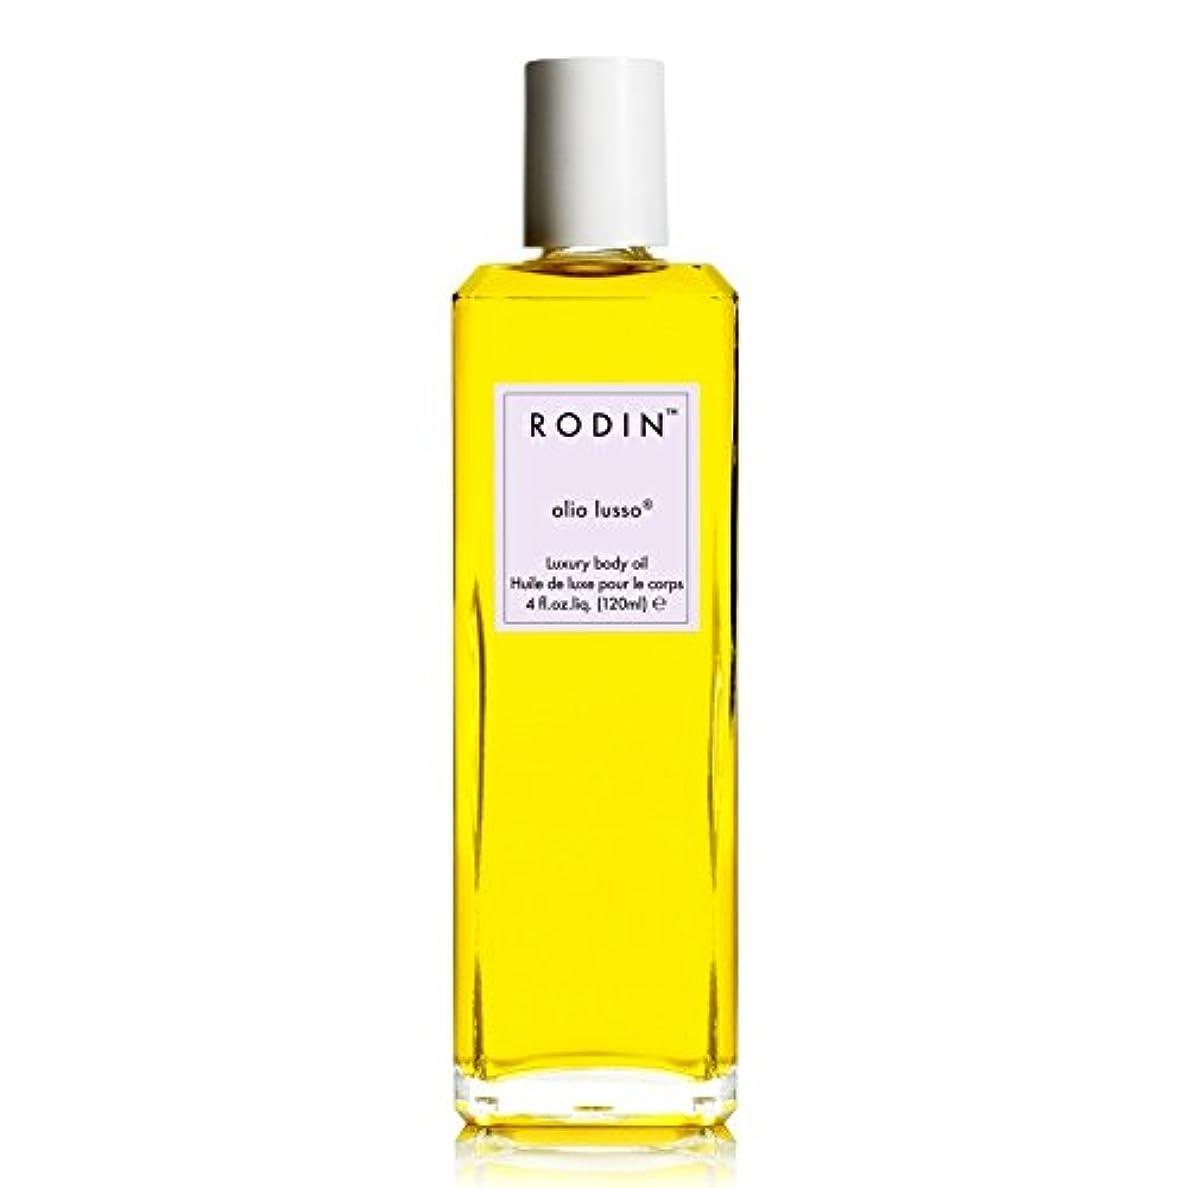 性交カップそれらロダンルッソラベンダー絶対贅沢なボディオイル30ミリリットル x4 - RODIN olio lusso Lavender Absolute Luxury Body Oil 30ml (Pack of 4) [並行輸入品]